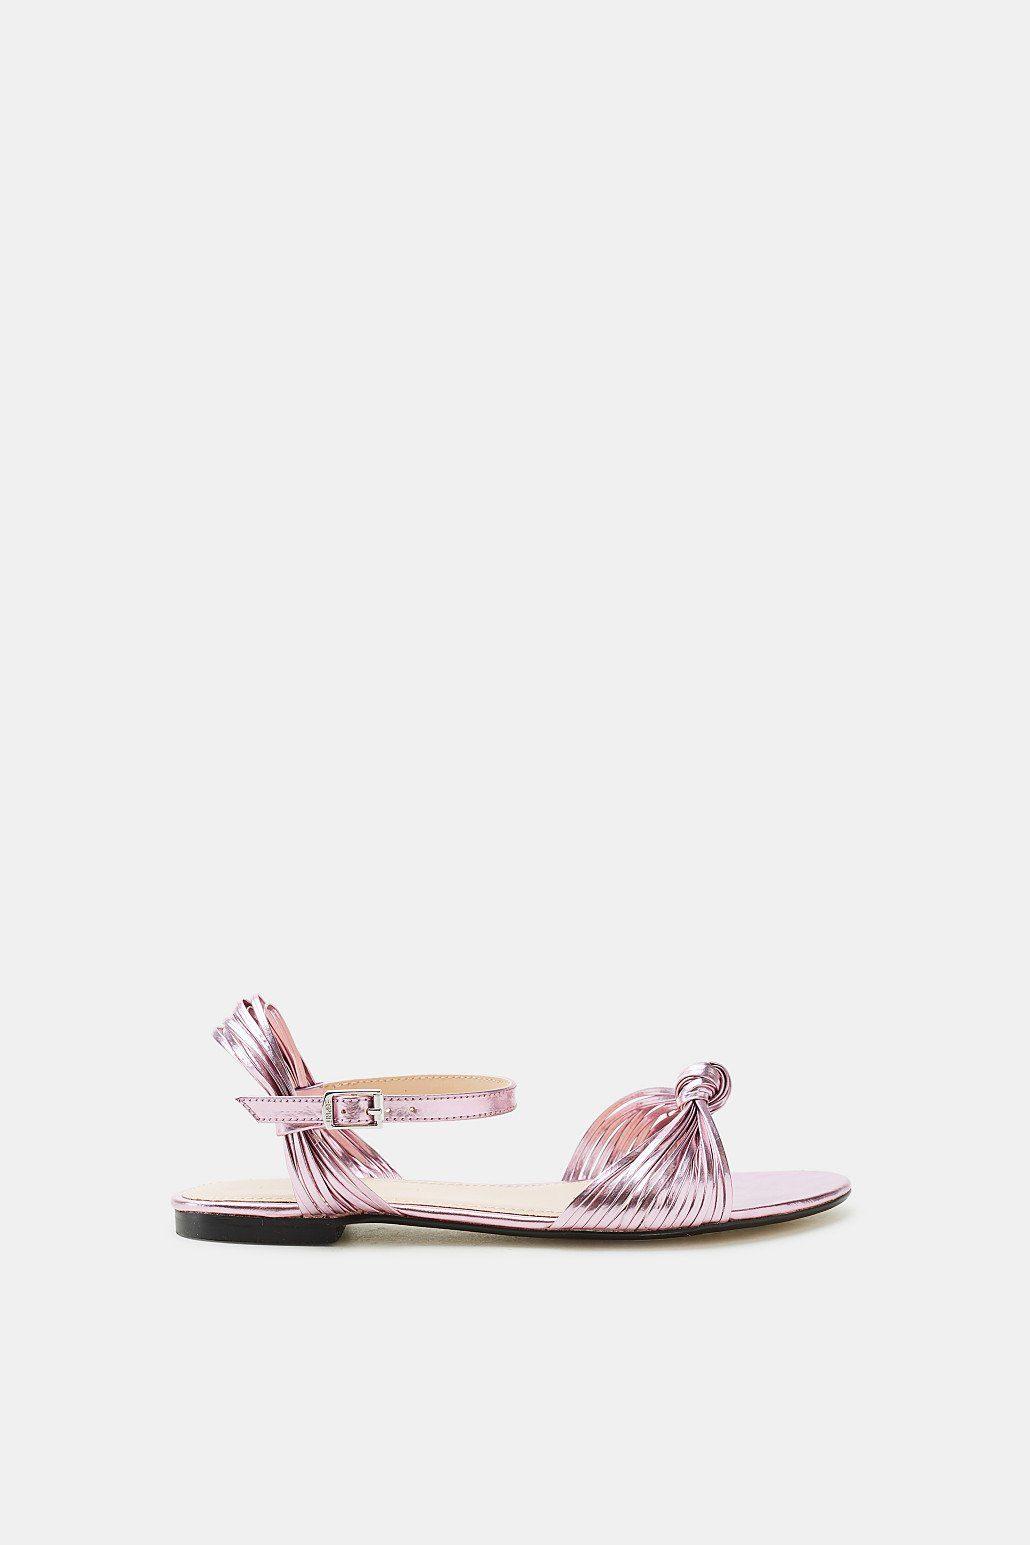 Esprit Flache Metallic-Sandale mit schmalen Riemchen für Damen, Größe 36, Ice